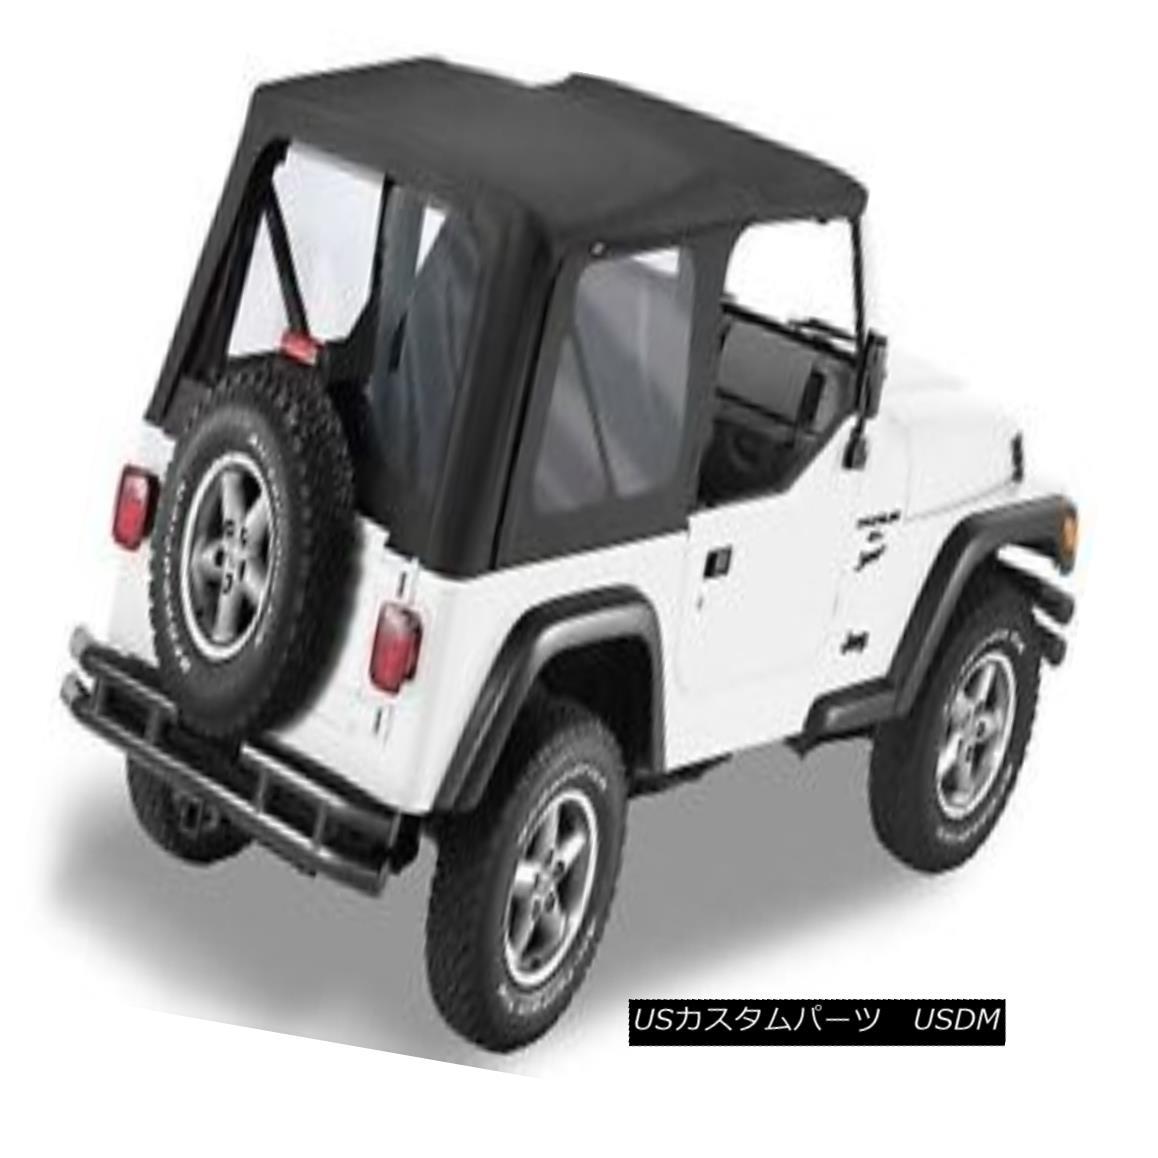 幌・ソフトトップ Bestop Sailcloth Replace A Top 97-02 Jeep Wrangler TJ Clear Windows Black Crush Bestop Sailclothがトップ97-02ジープラングラーTJ Clear Windows Black Crushを交換